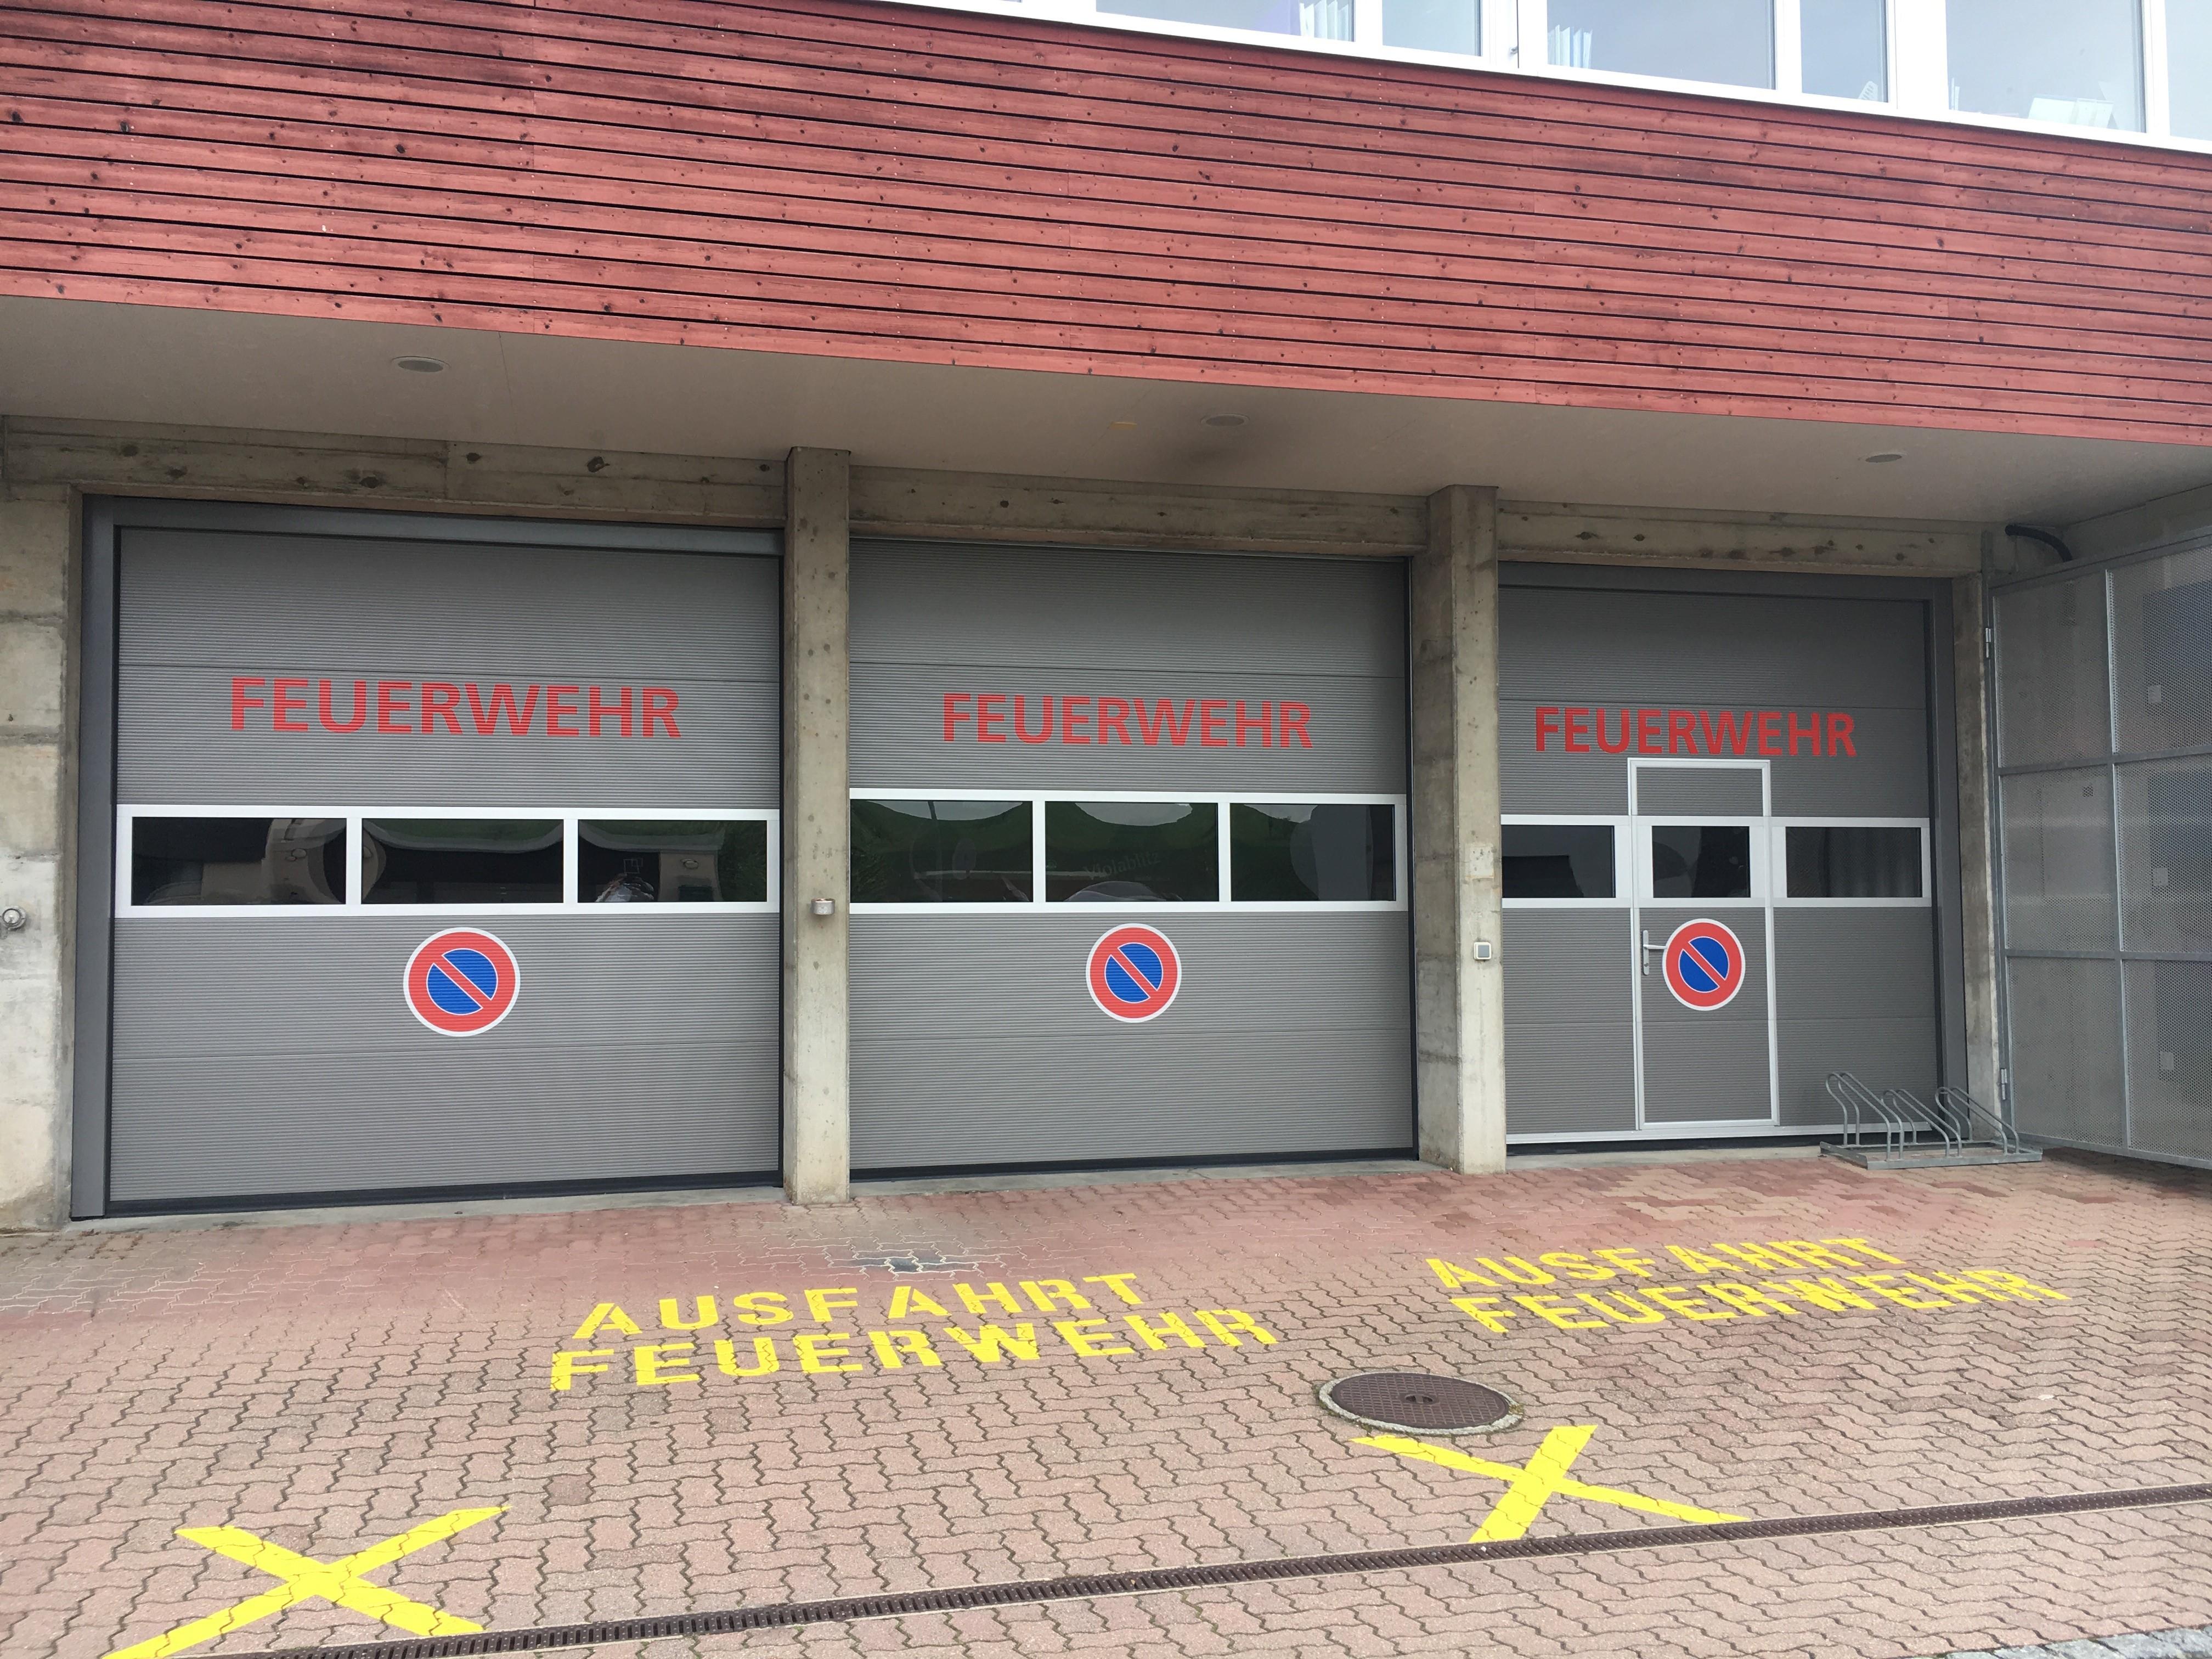 Sektionaltore für Feuerwehren